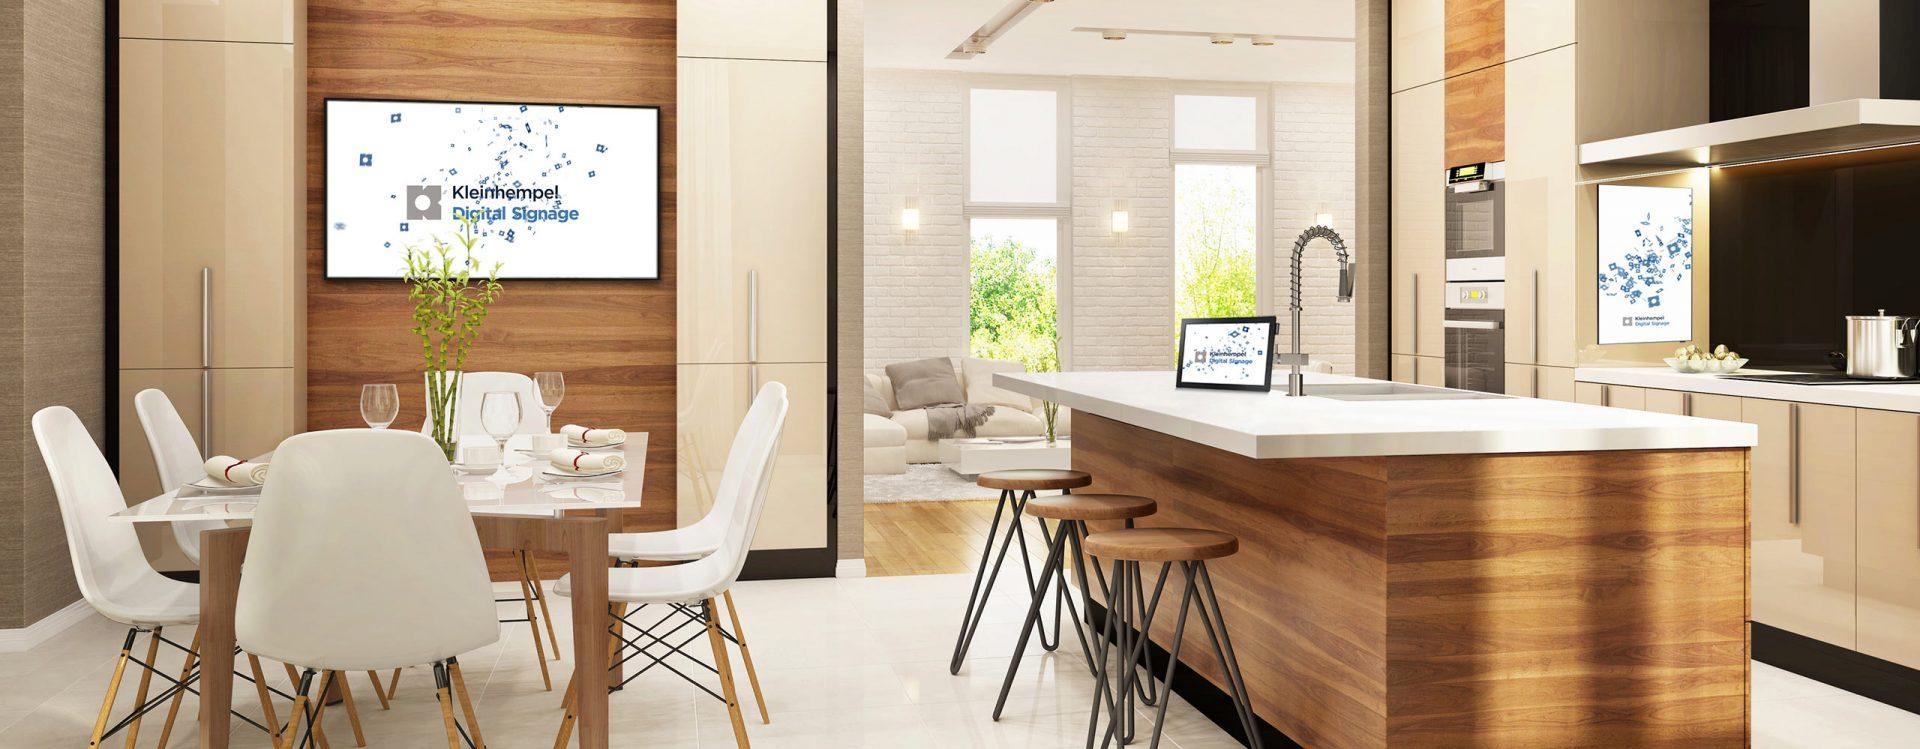 Kleinhempel Digital Signage Mockup einer Küche